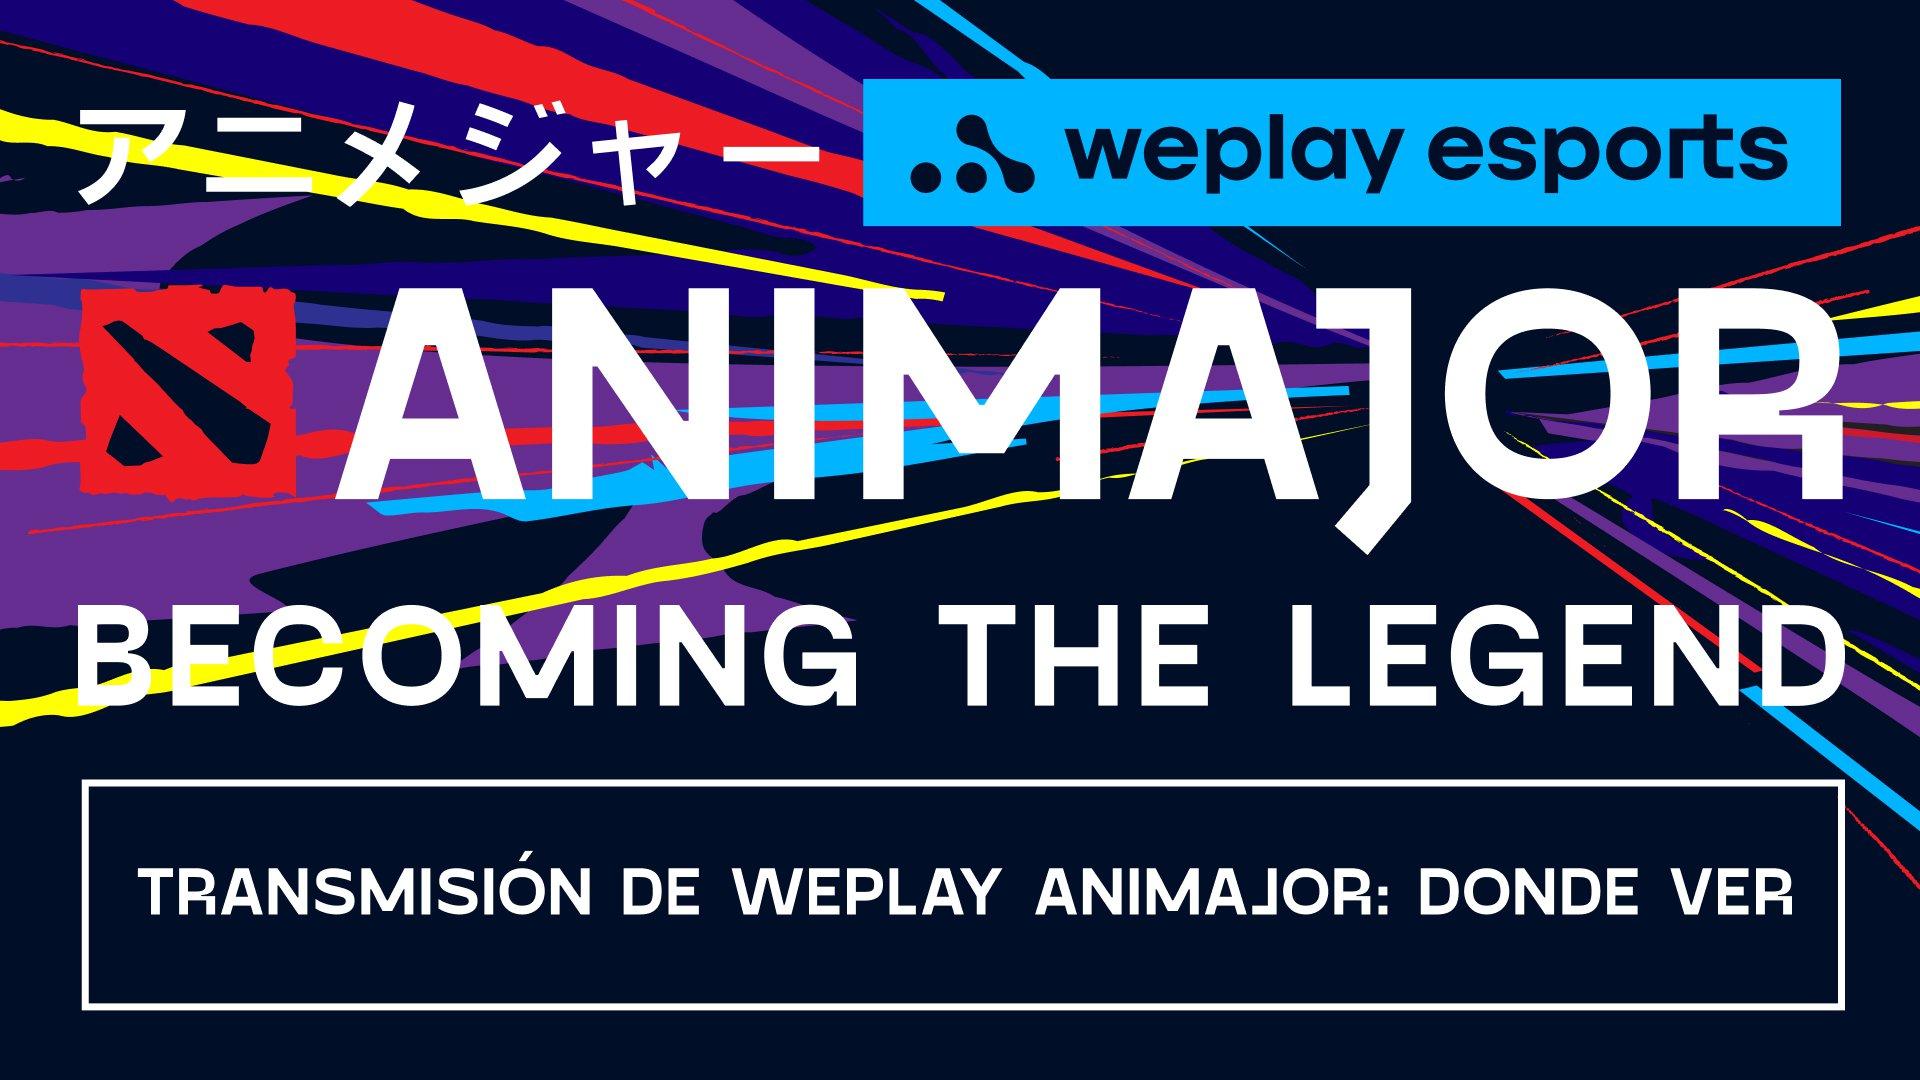 Transmisión de WePlay AniMajor. Imagen: WePlay Esports